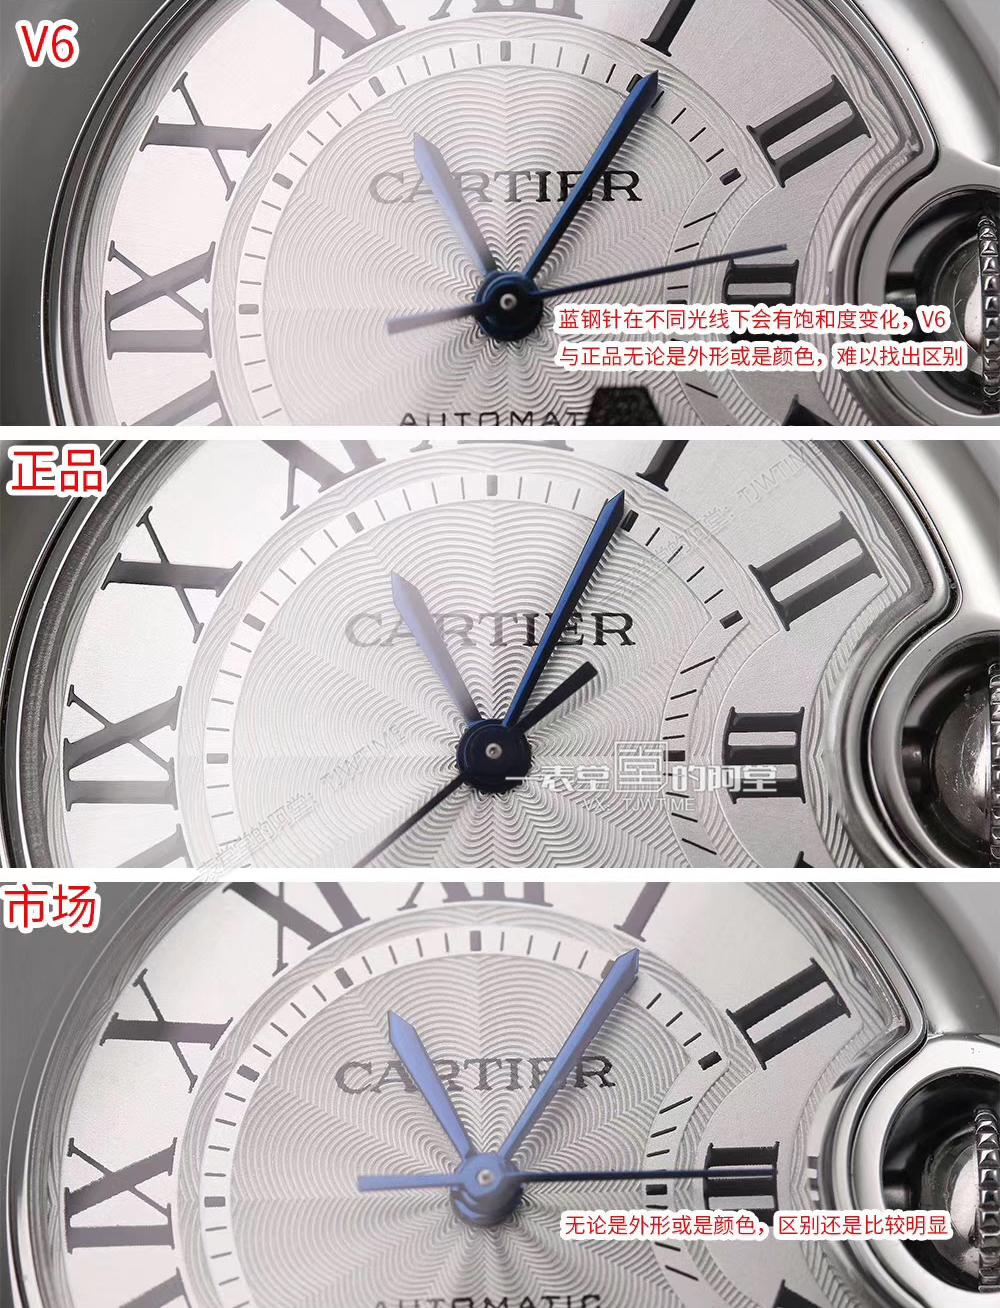 卡地亚33毫米蓝气球W6920071正仿对比——烧蓝钢针